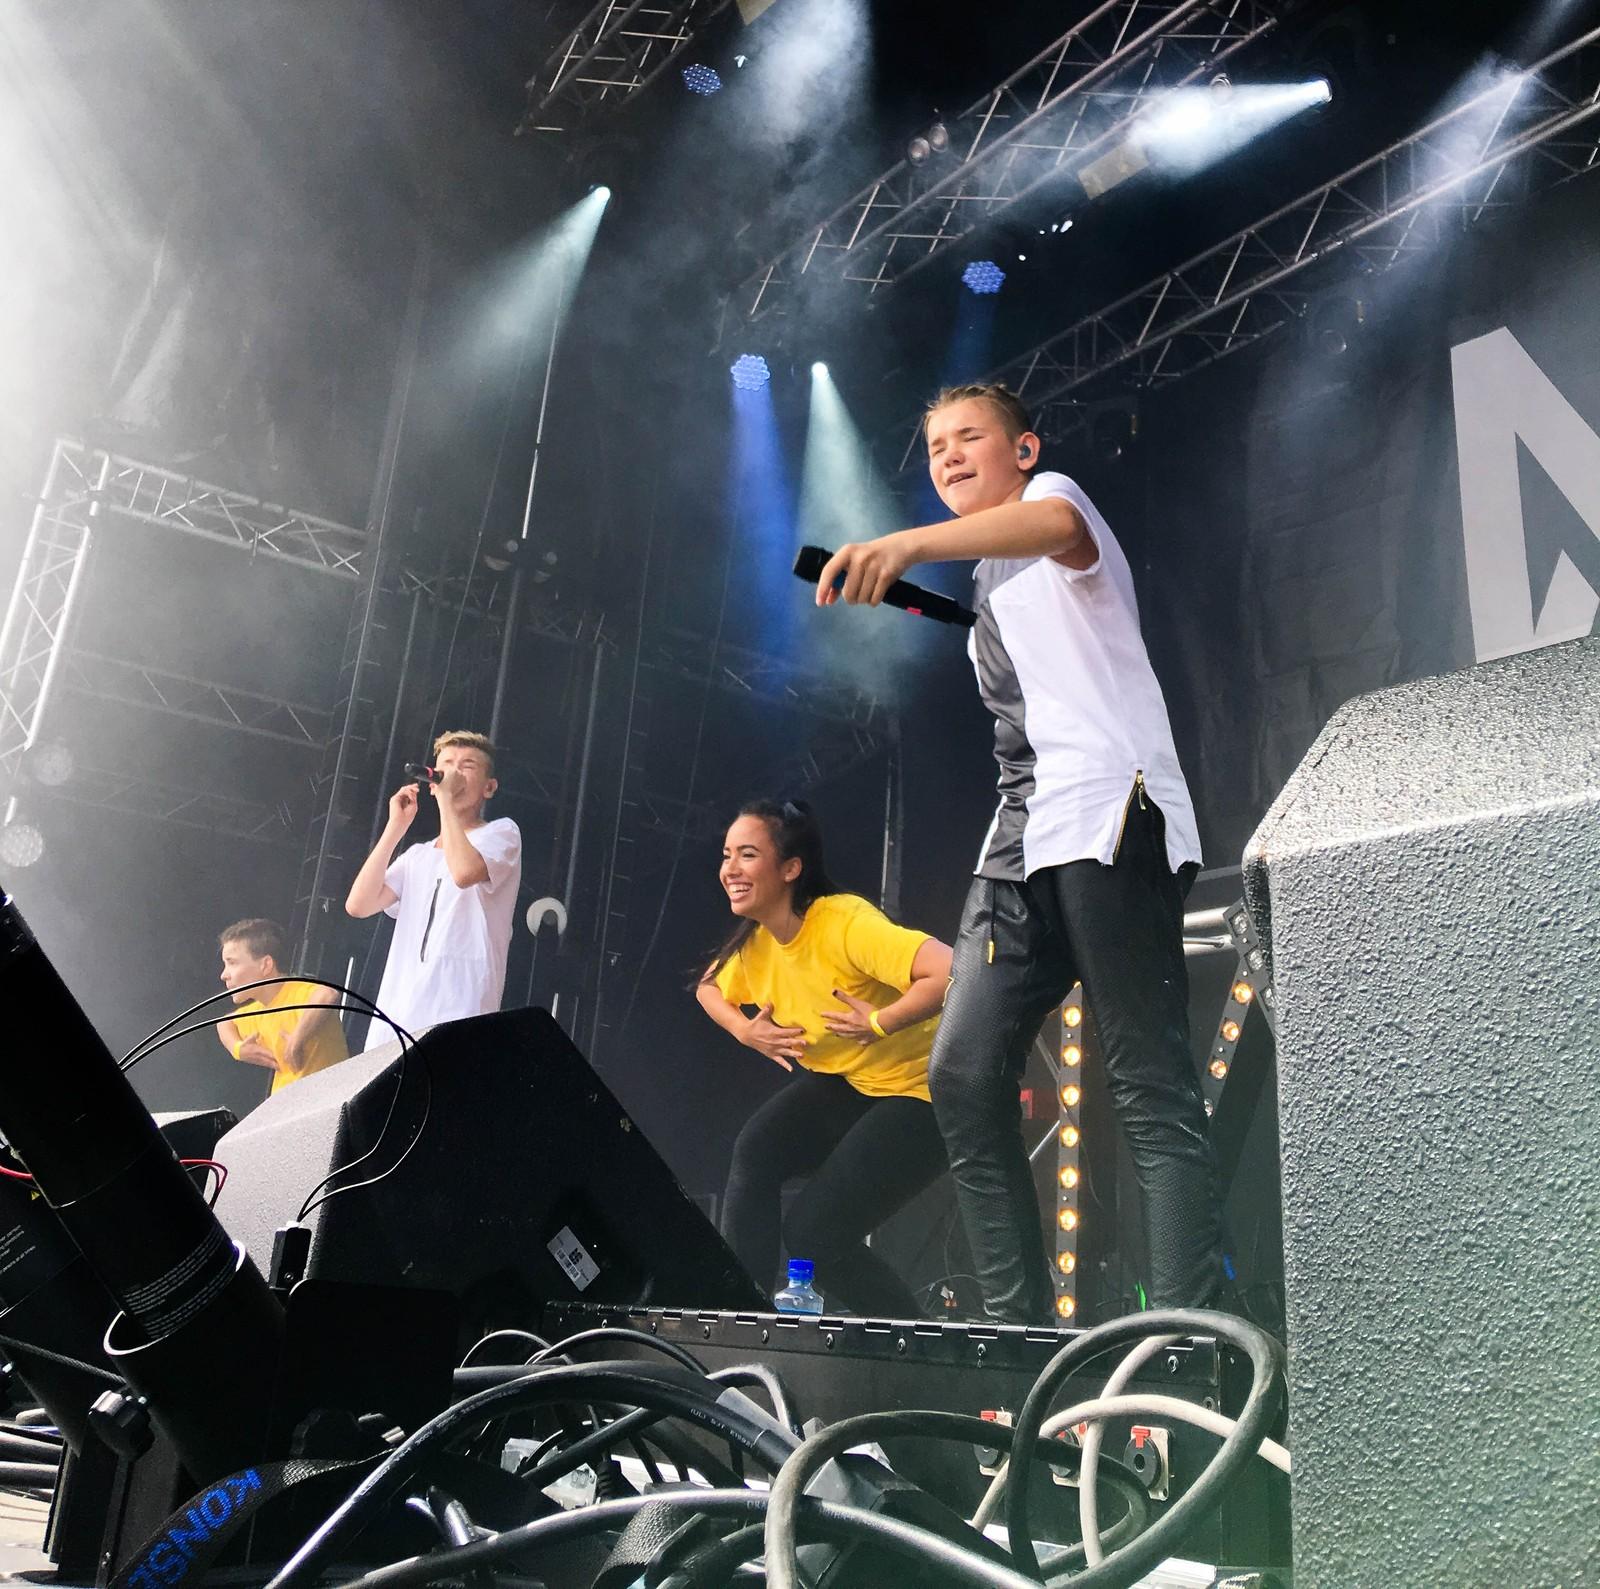 Marcus og Martinus på Sommerfesten 2016